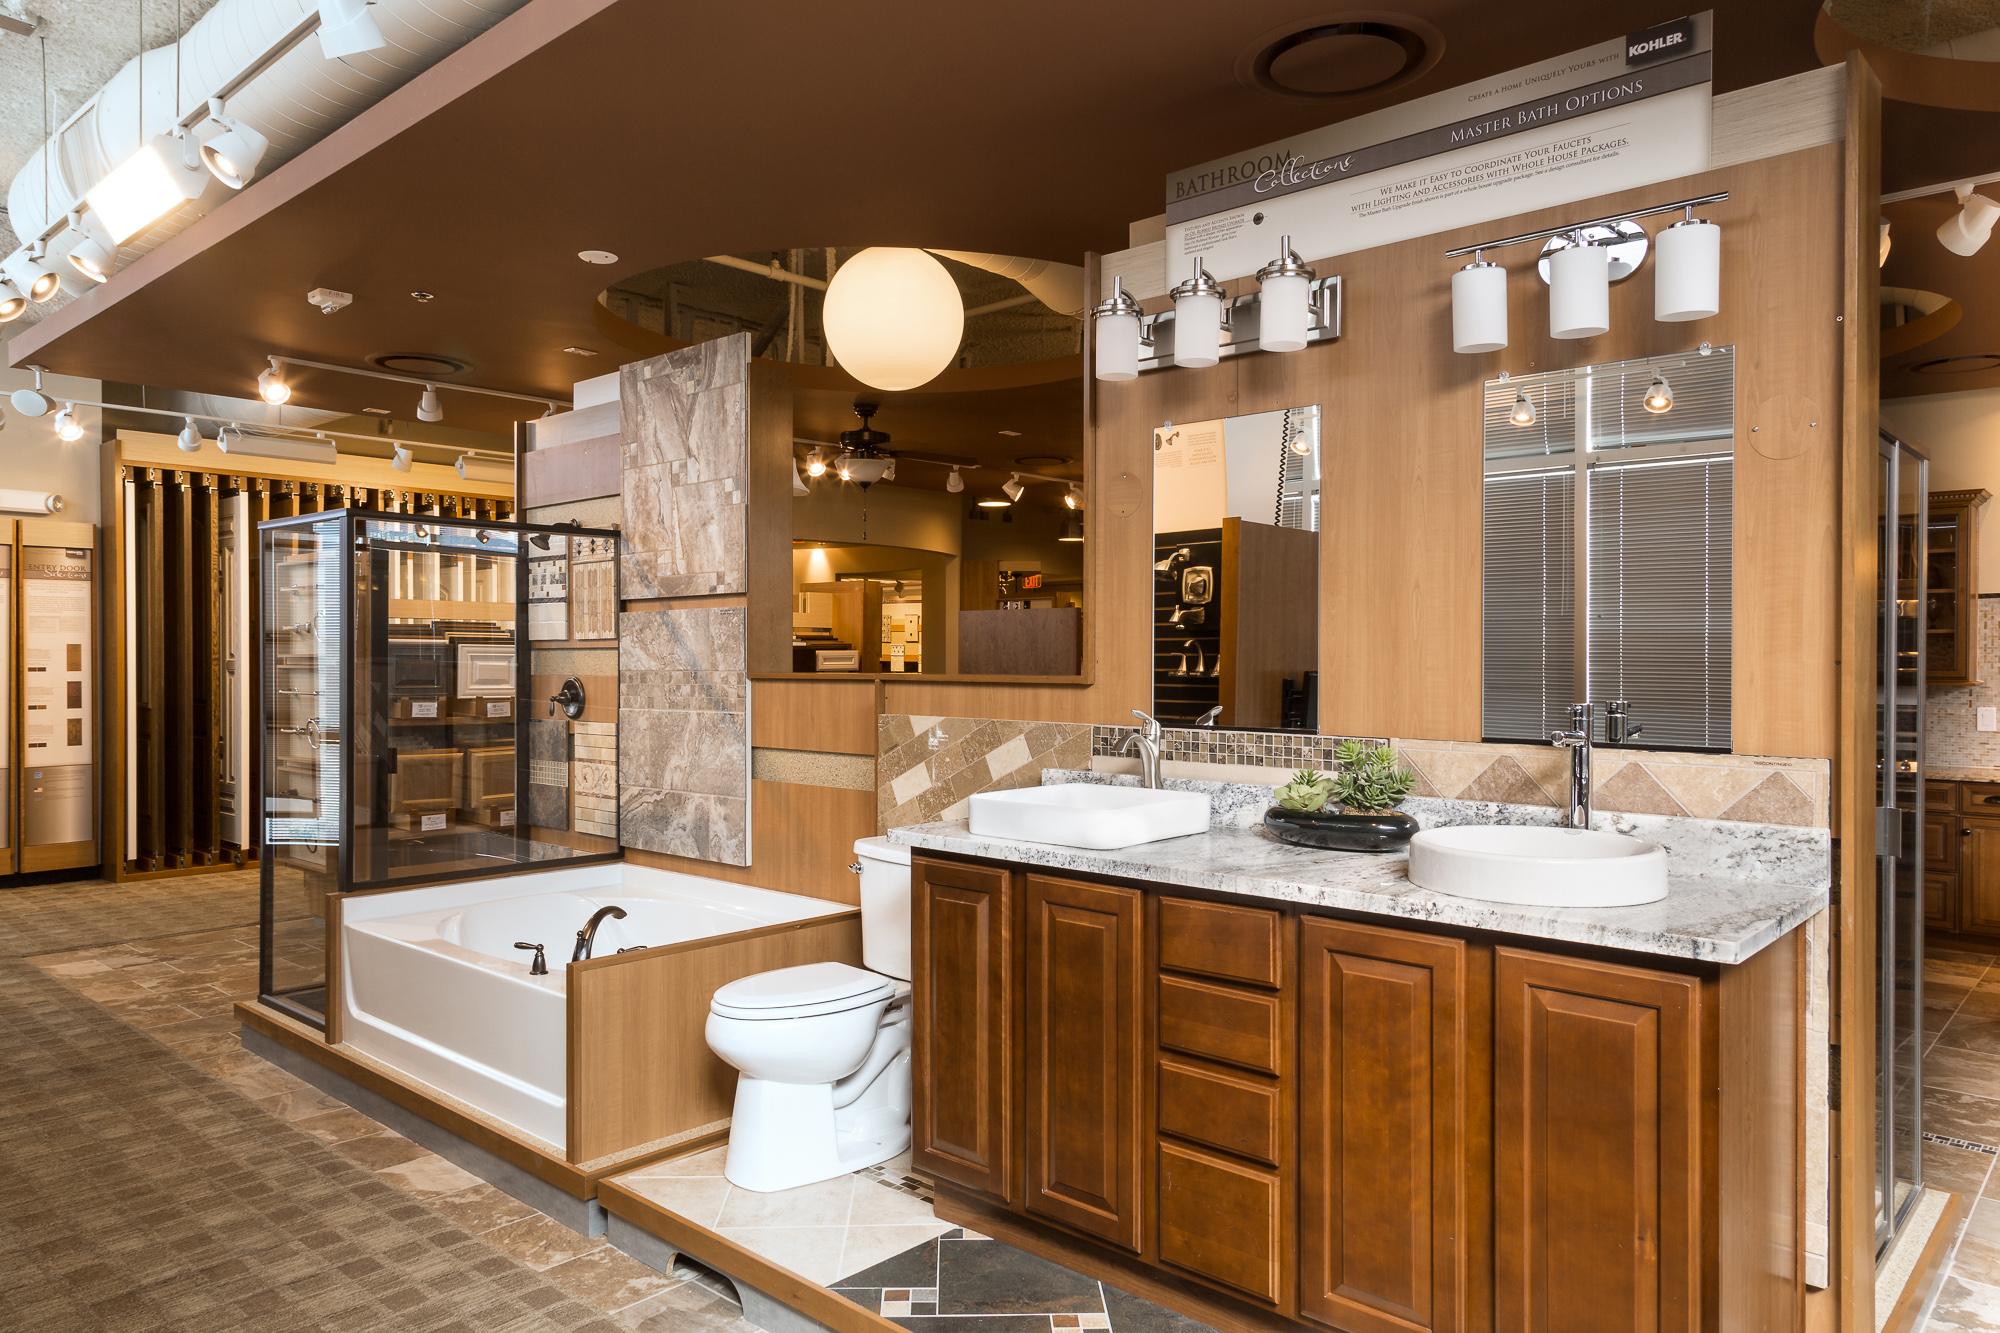 pulte home designs. Pulte Home Expressions Studio Design Center  AZ Interior